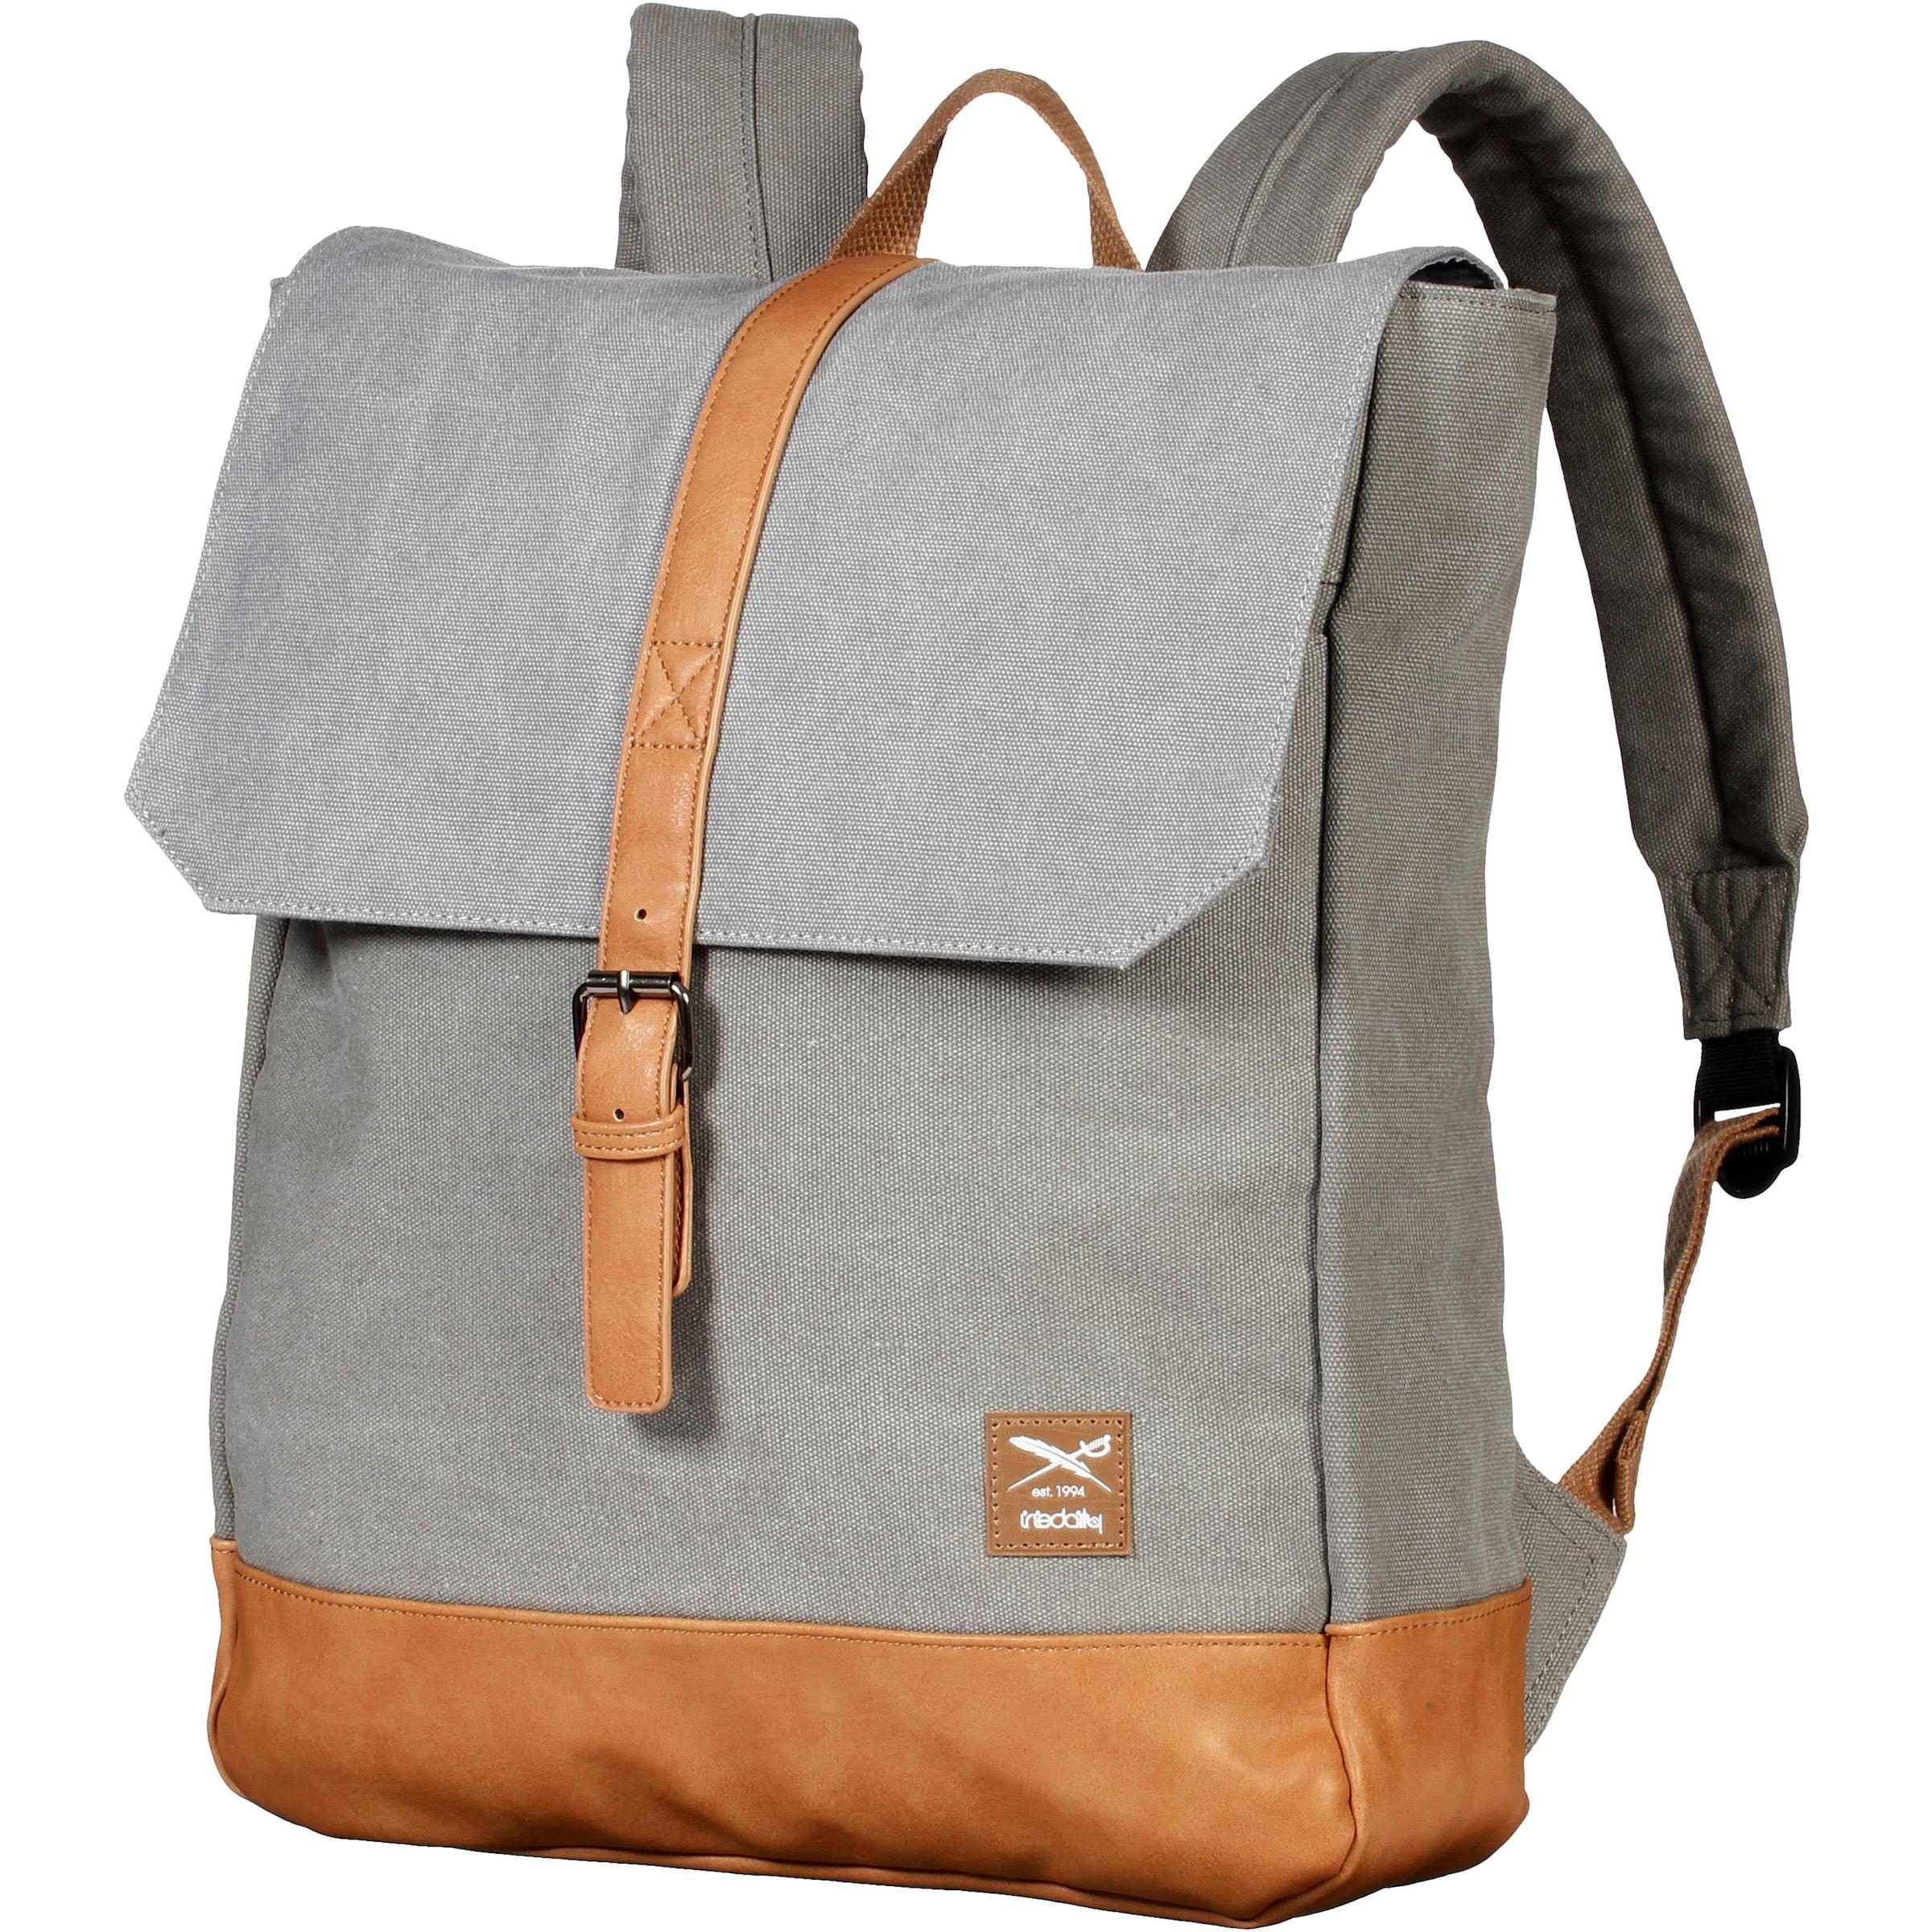 Kaufen Authentische Online Iriedaily Heavy Backpack Daypack Damen Online Zum Verkauf QNPQLIRRx5